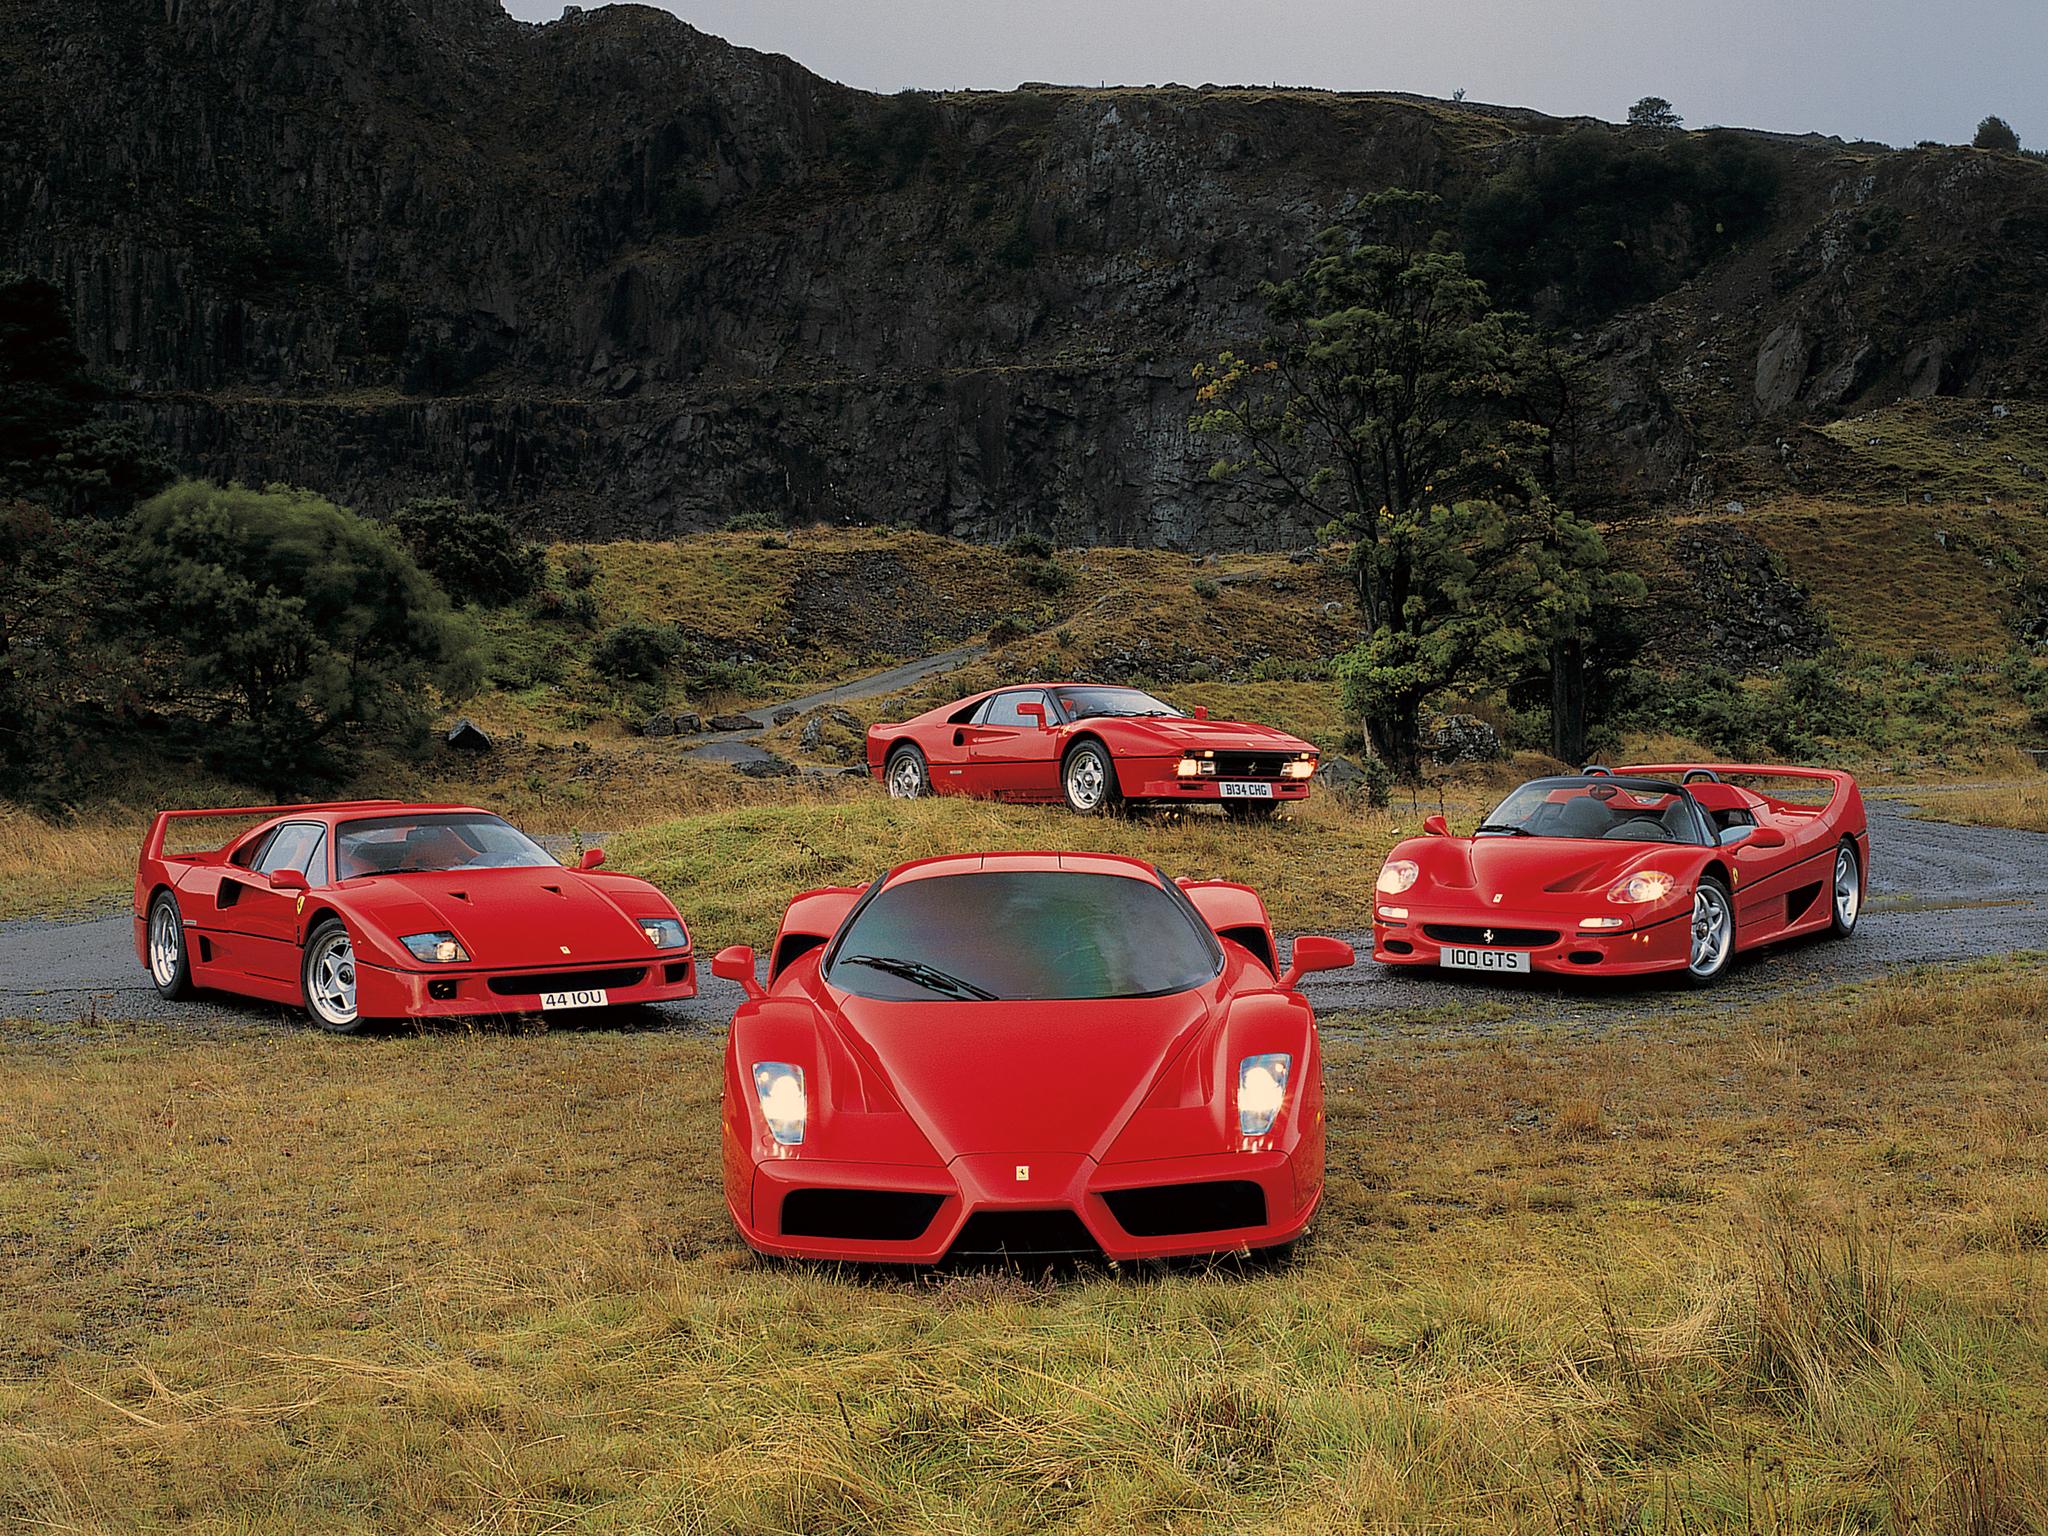 красный автомобиль Ferrari F50 Enzo скачать